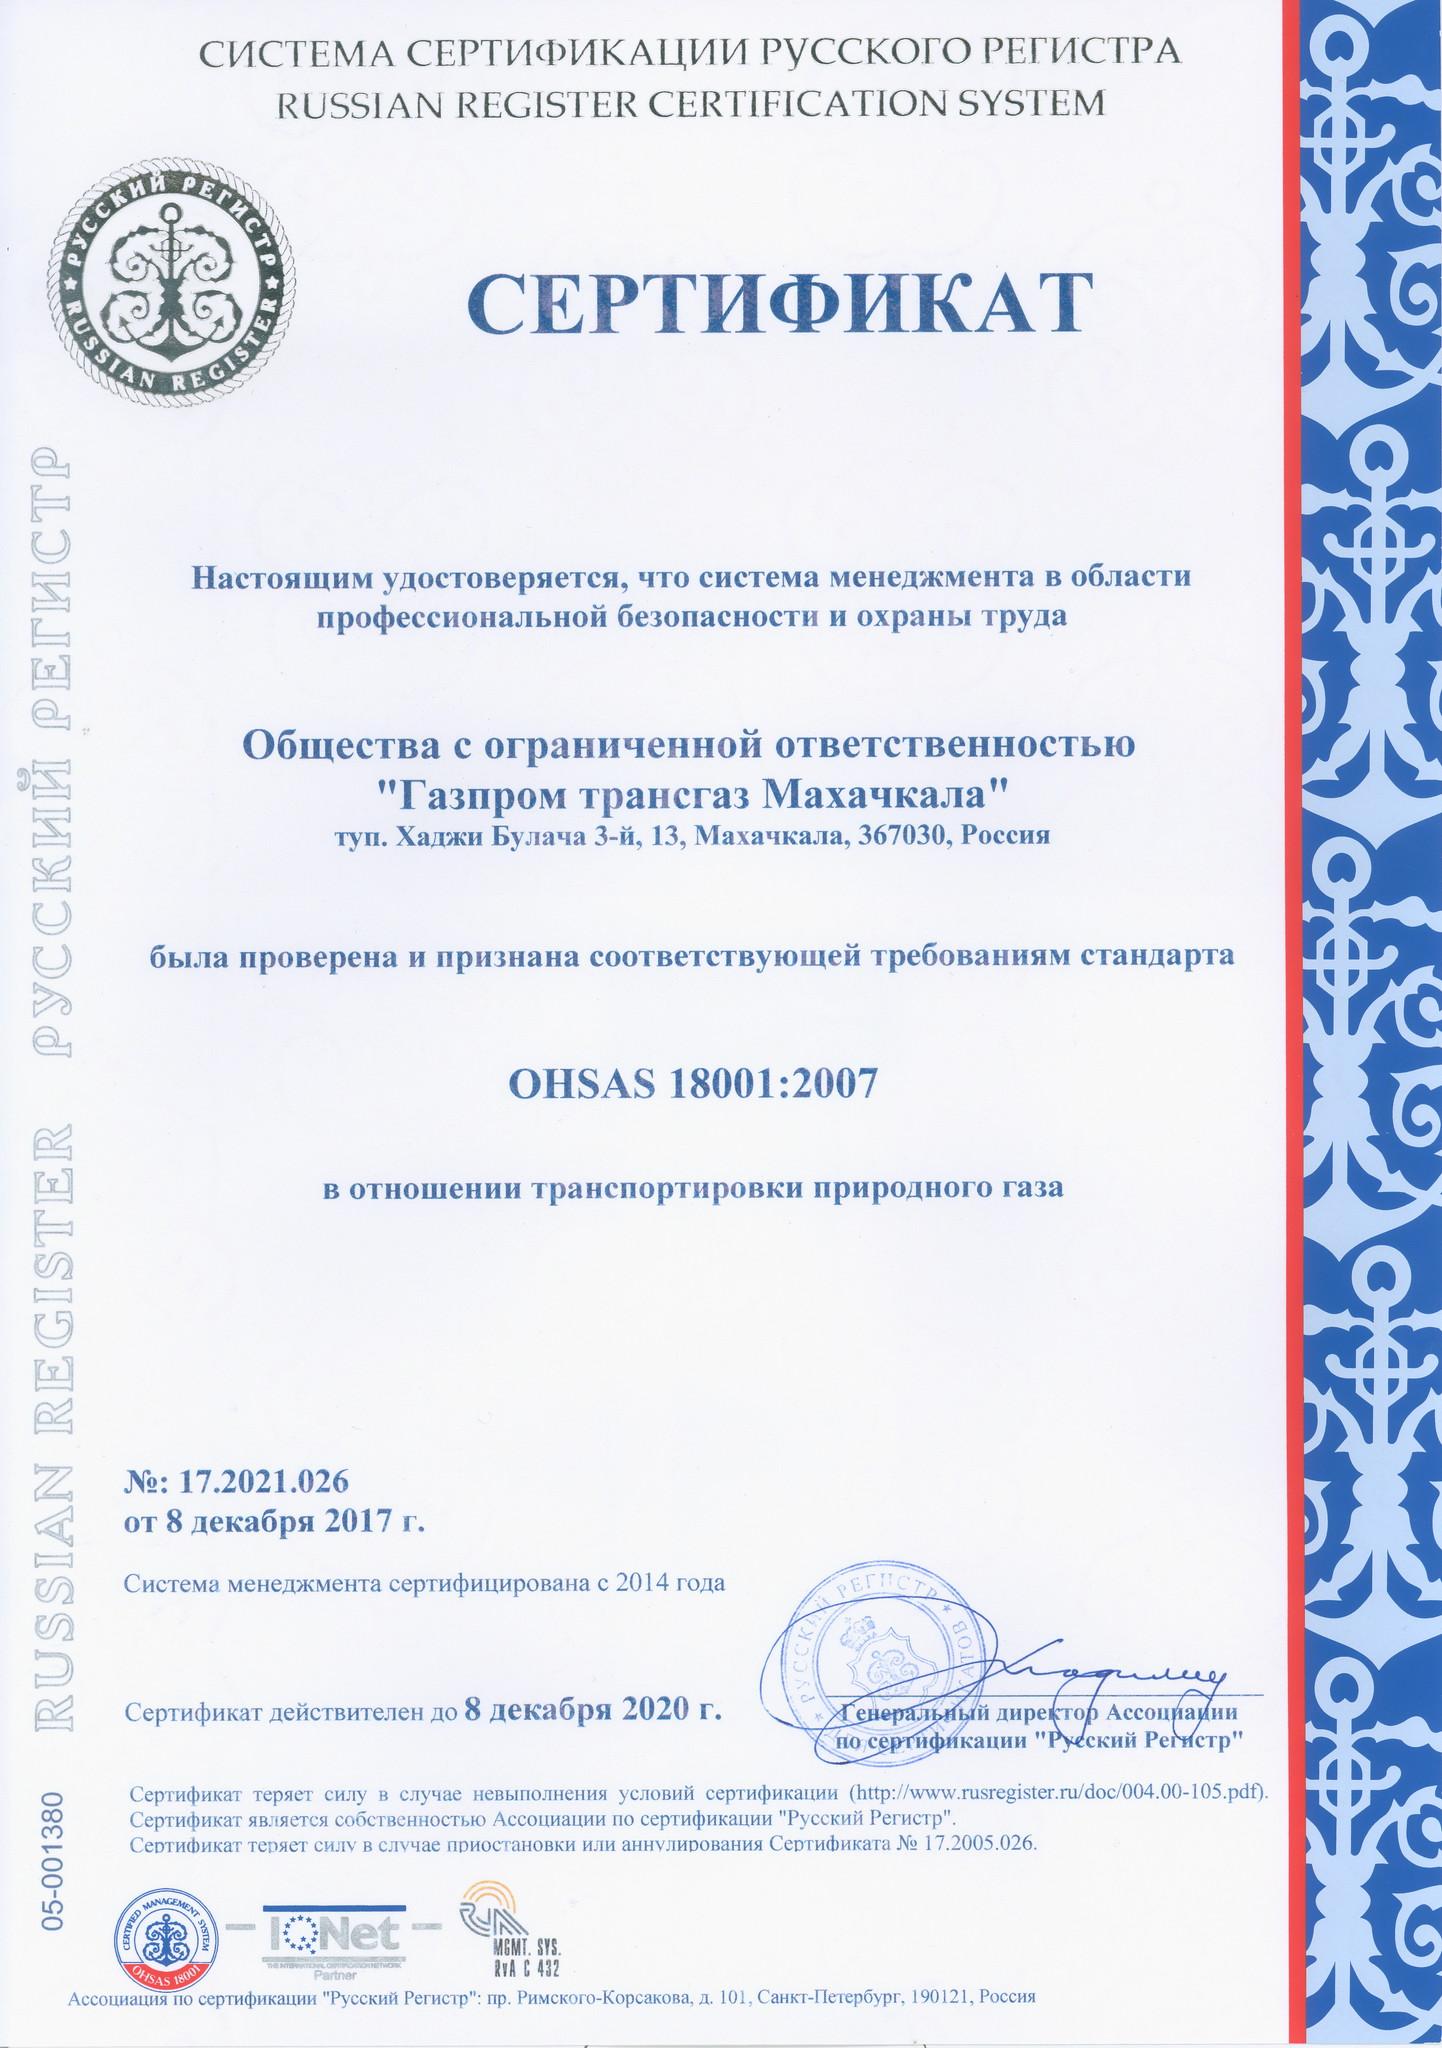 Стандартизация и сертификация в газпроме экологическая сертификация овощей